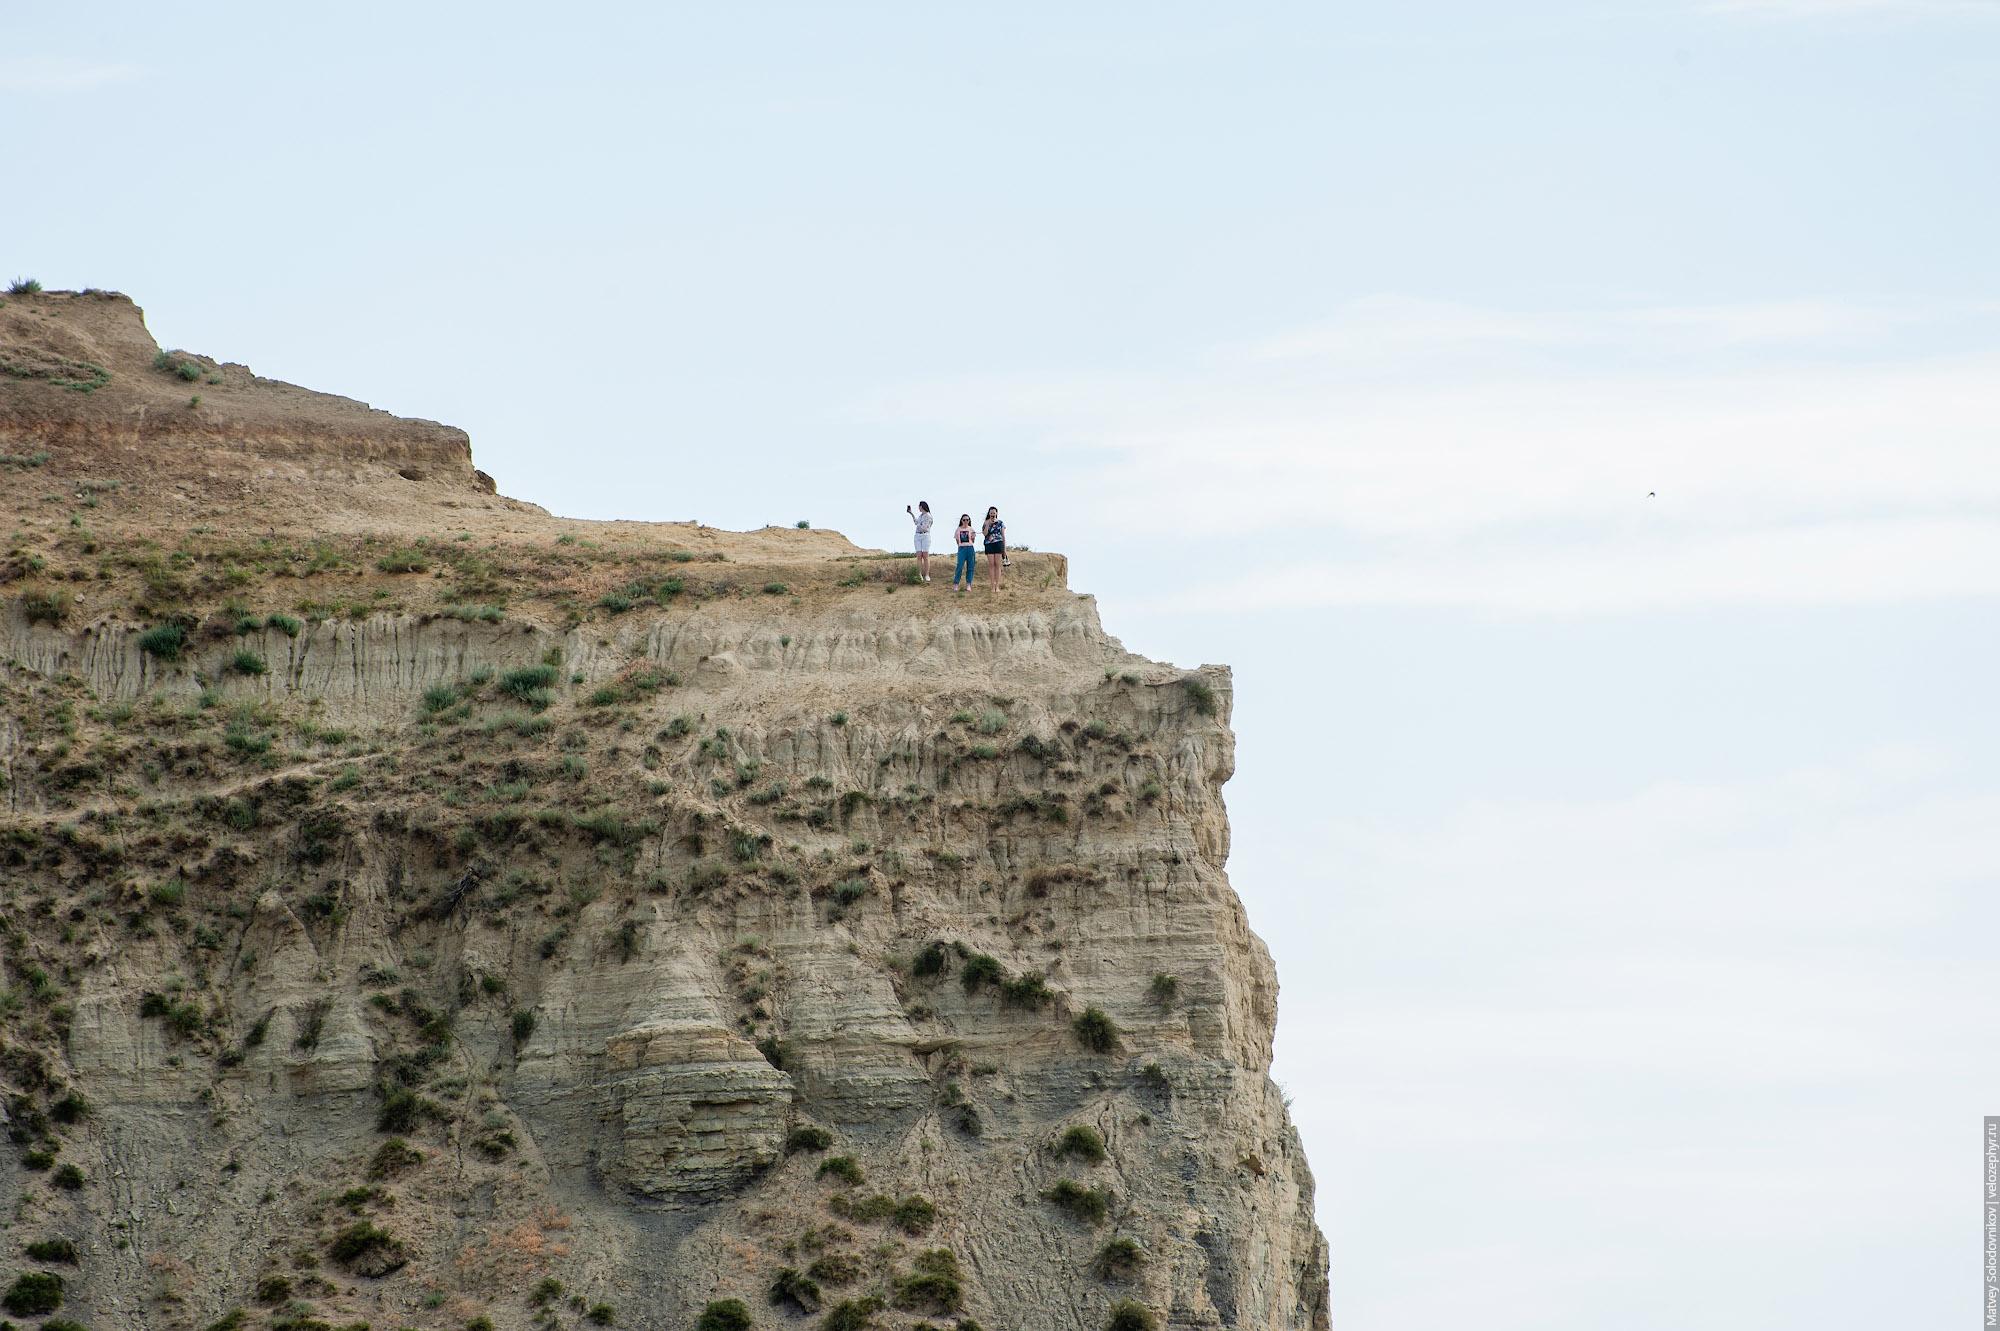 Три девчули на скале